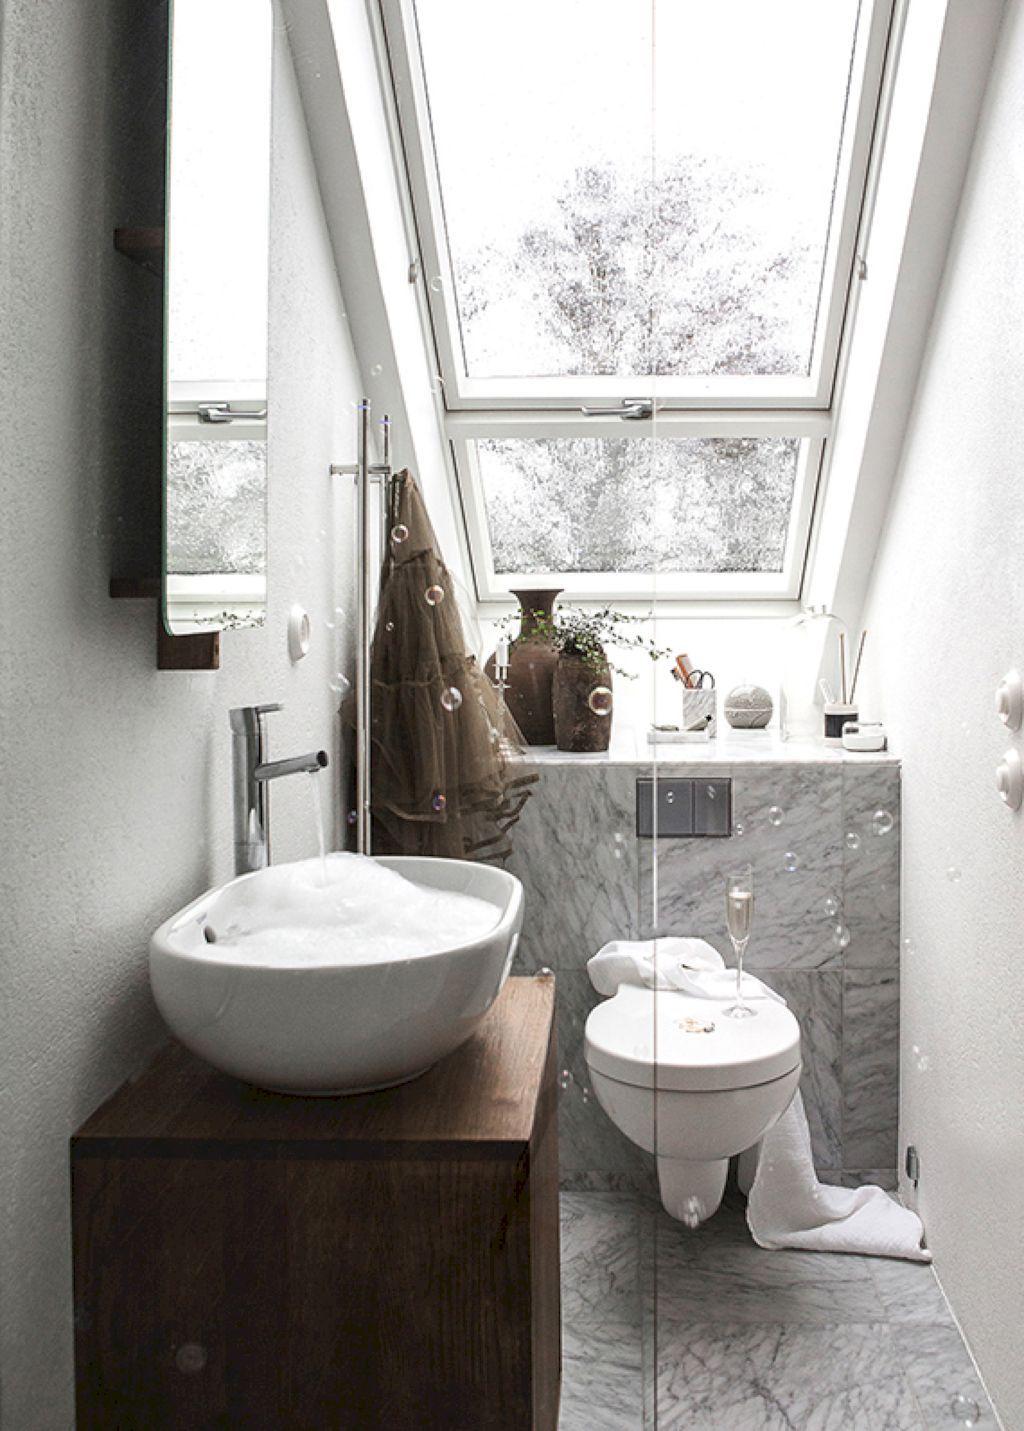 68 Awesome Scandinavian Bathroom Ideas 68 Awesome